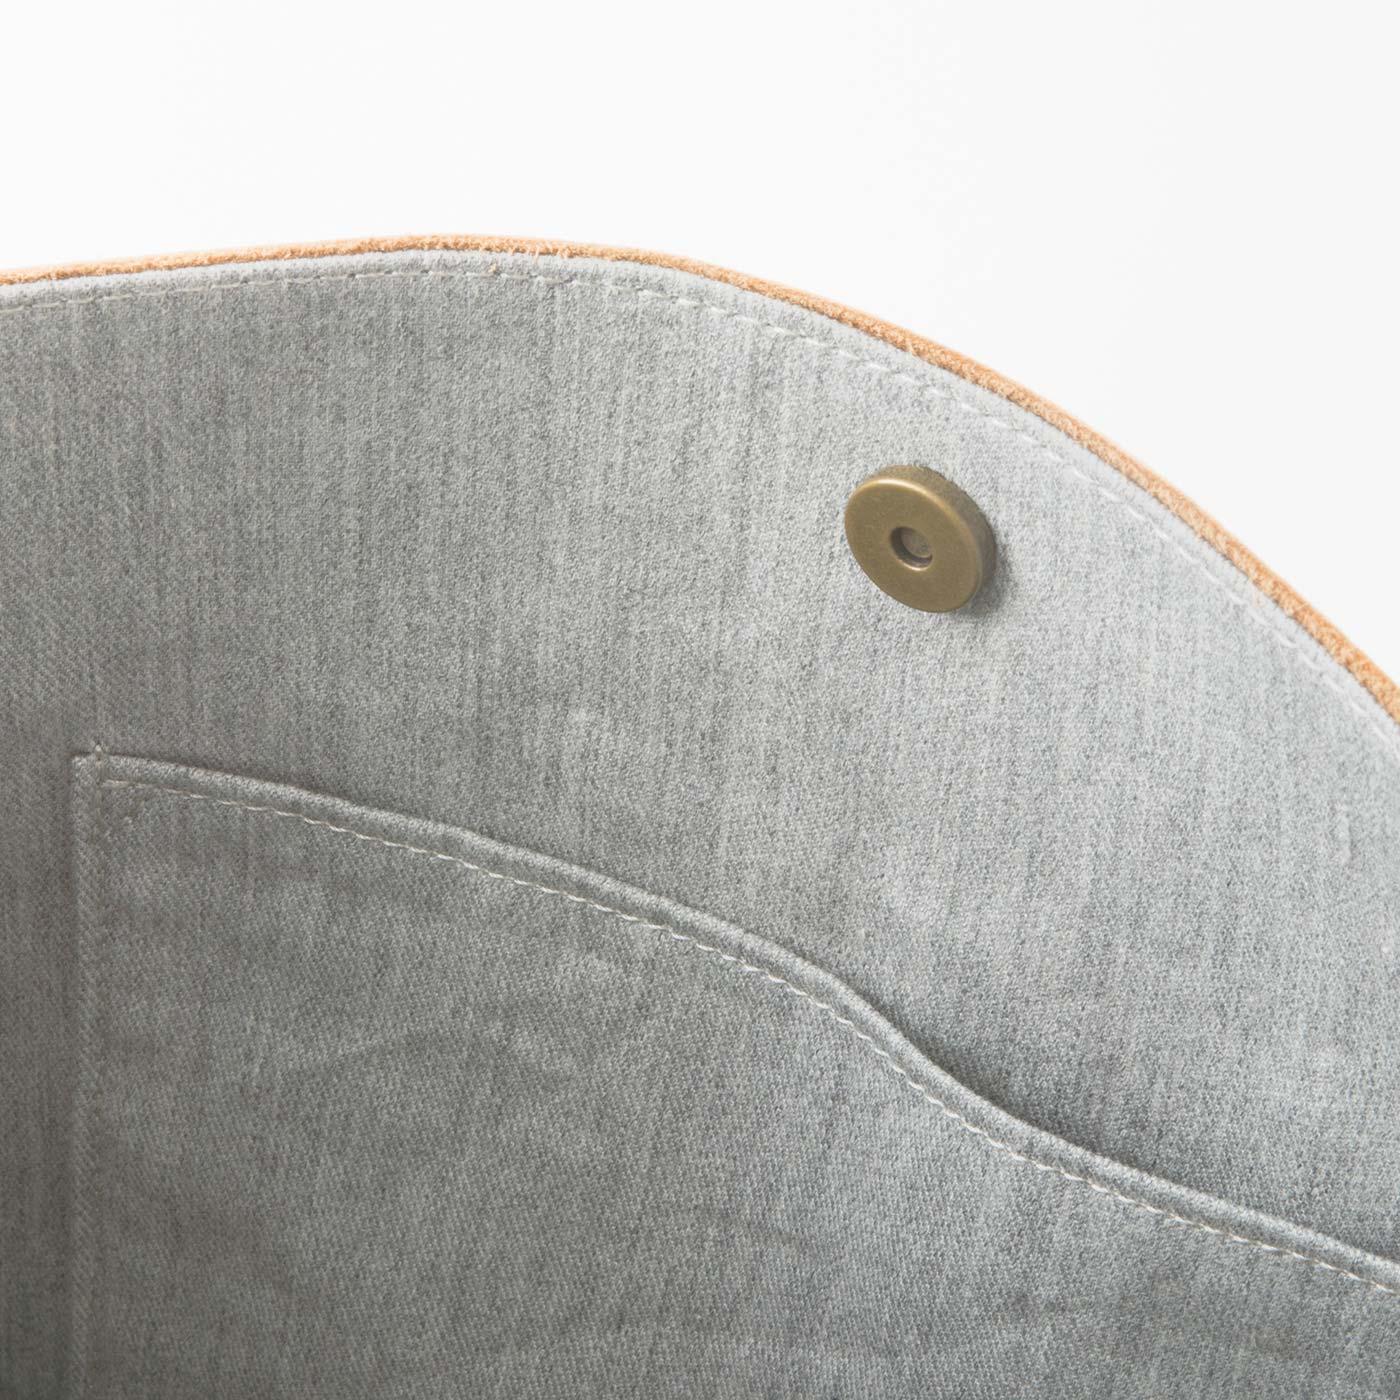 内生地は杢(もく)調の綿素材。A4サイズも収まります。開閉しやすいマグネット仕様。